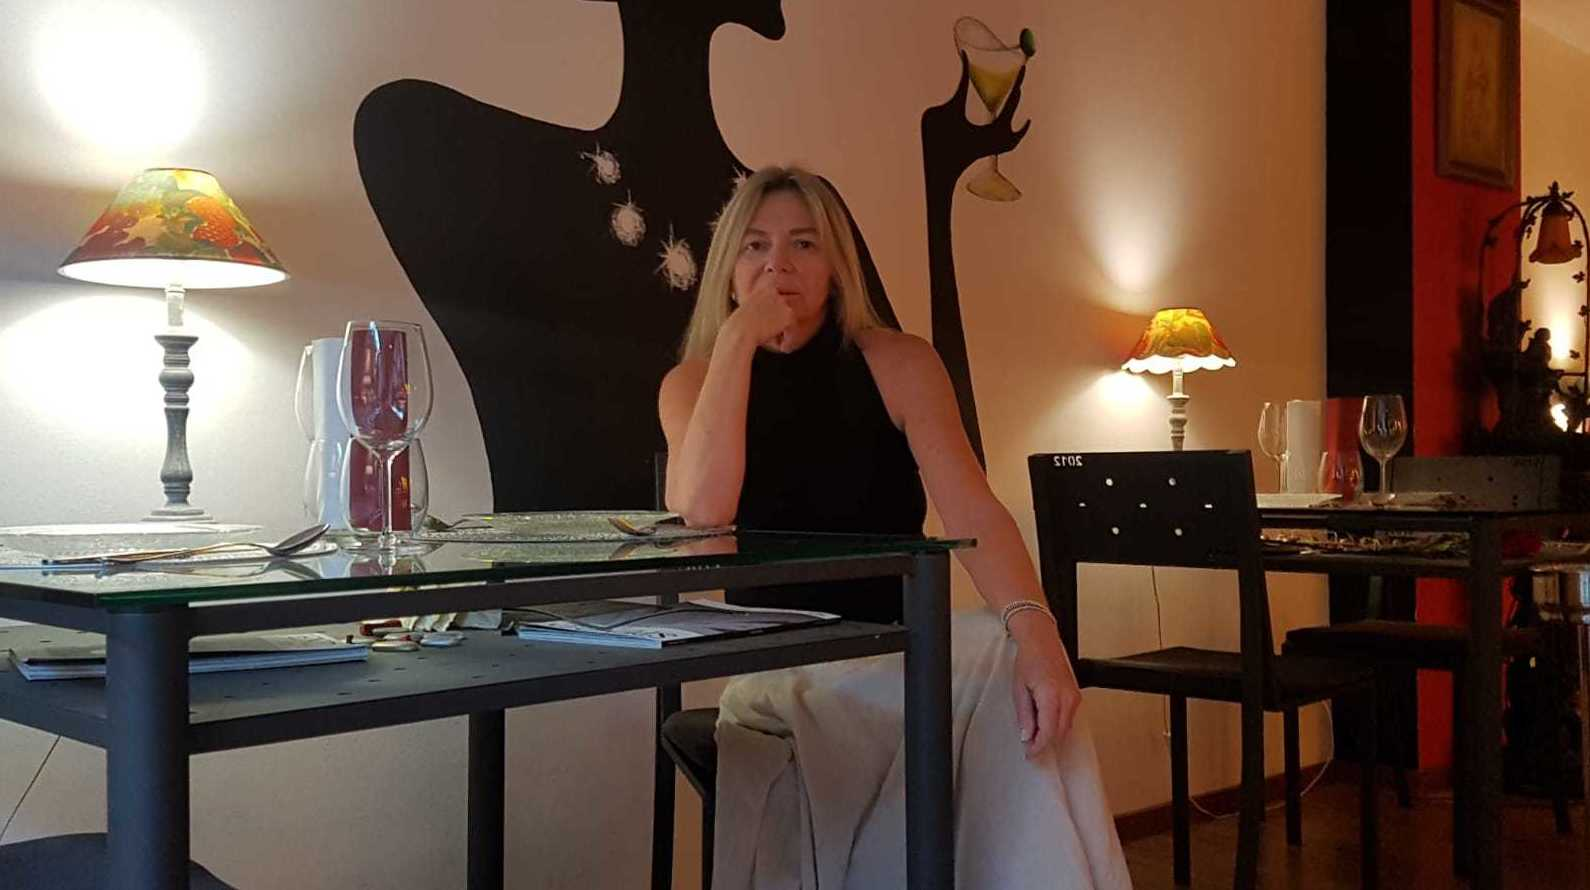 Lourdes Illueca Propietaria Restaurante 2012 el Principio del Fin